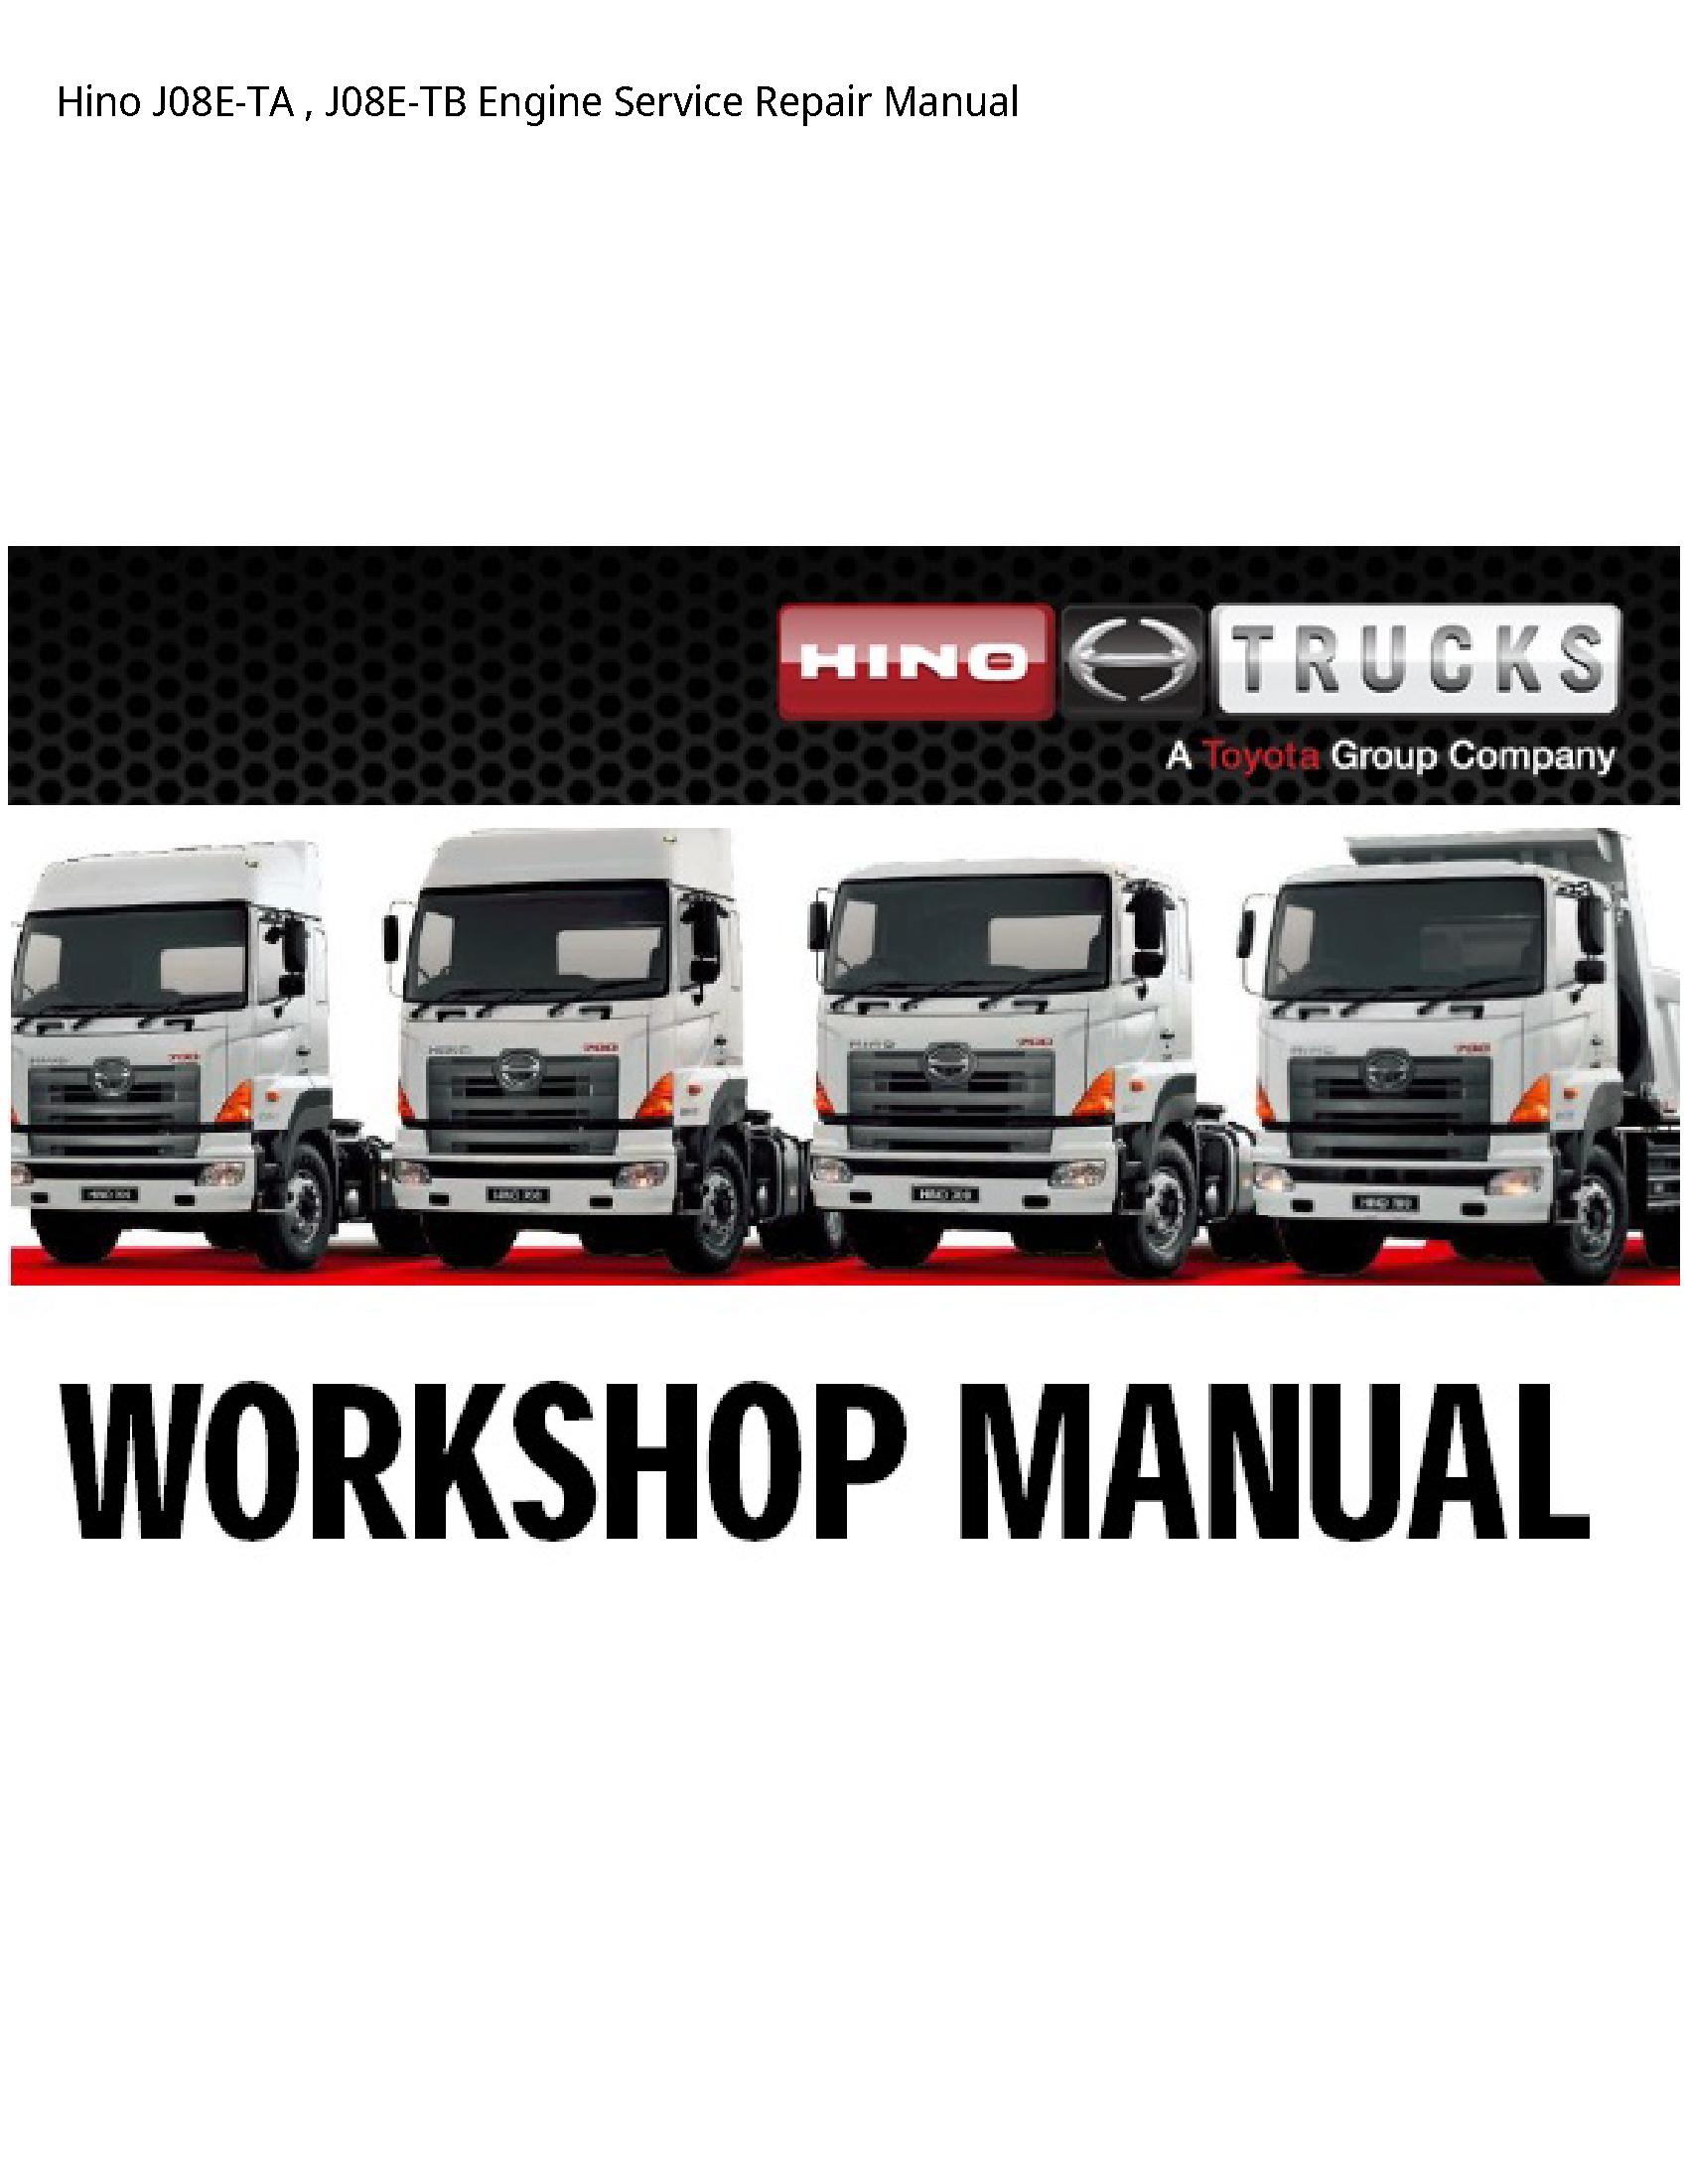 Hino J08E-TA Engine manual